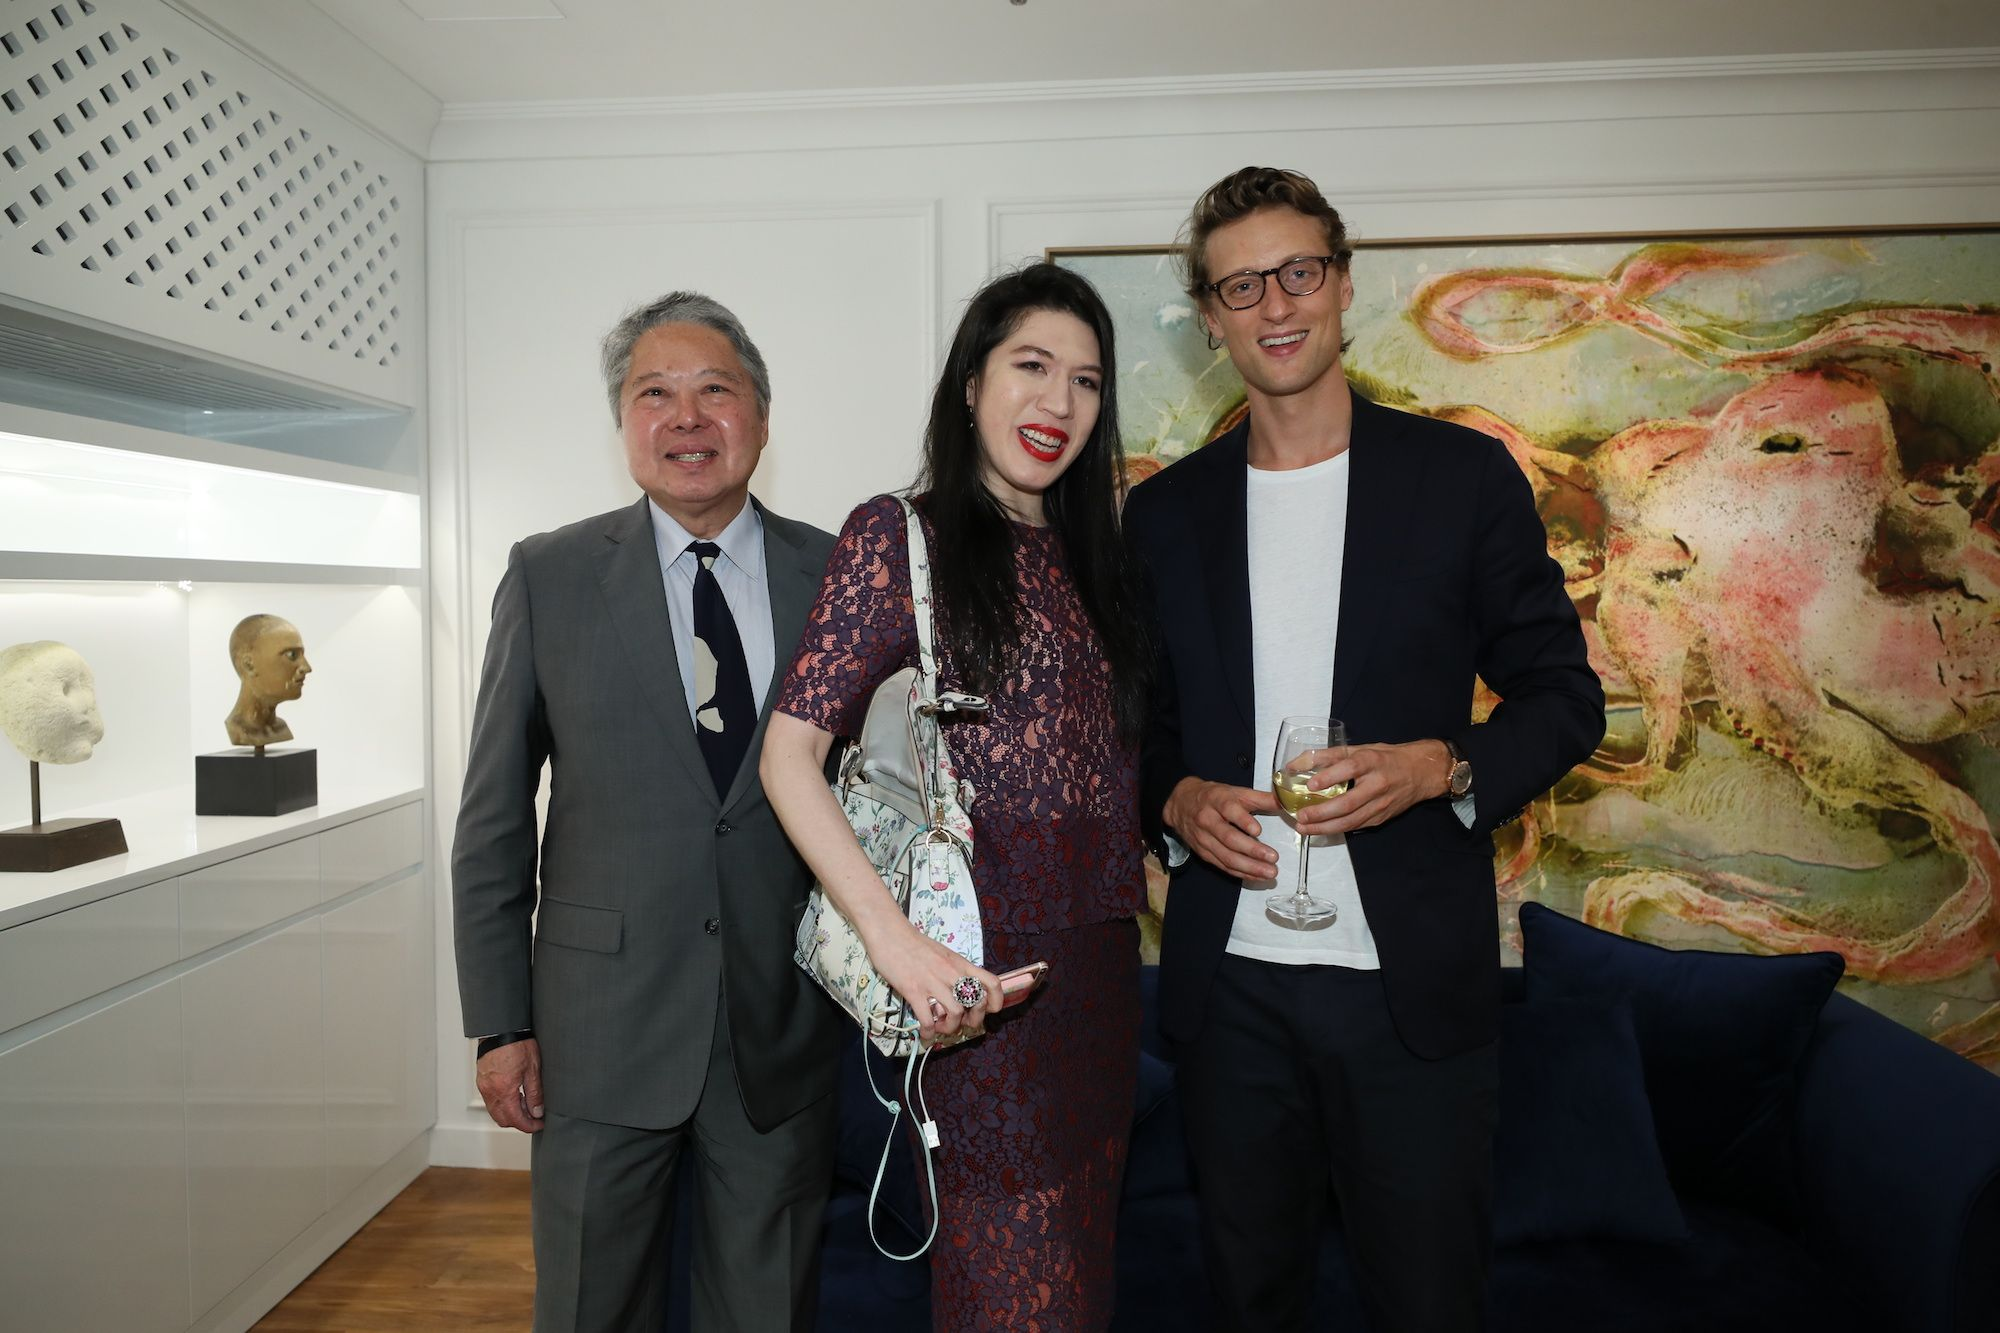 George Ho, Chloe Ho, Arthur de Villepin